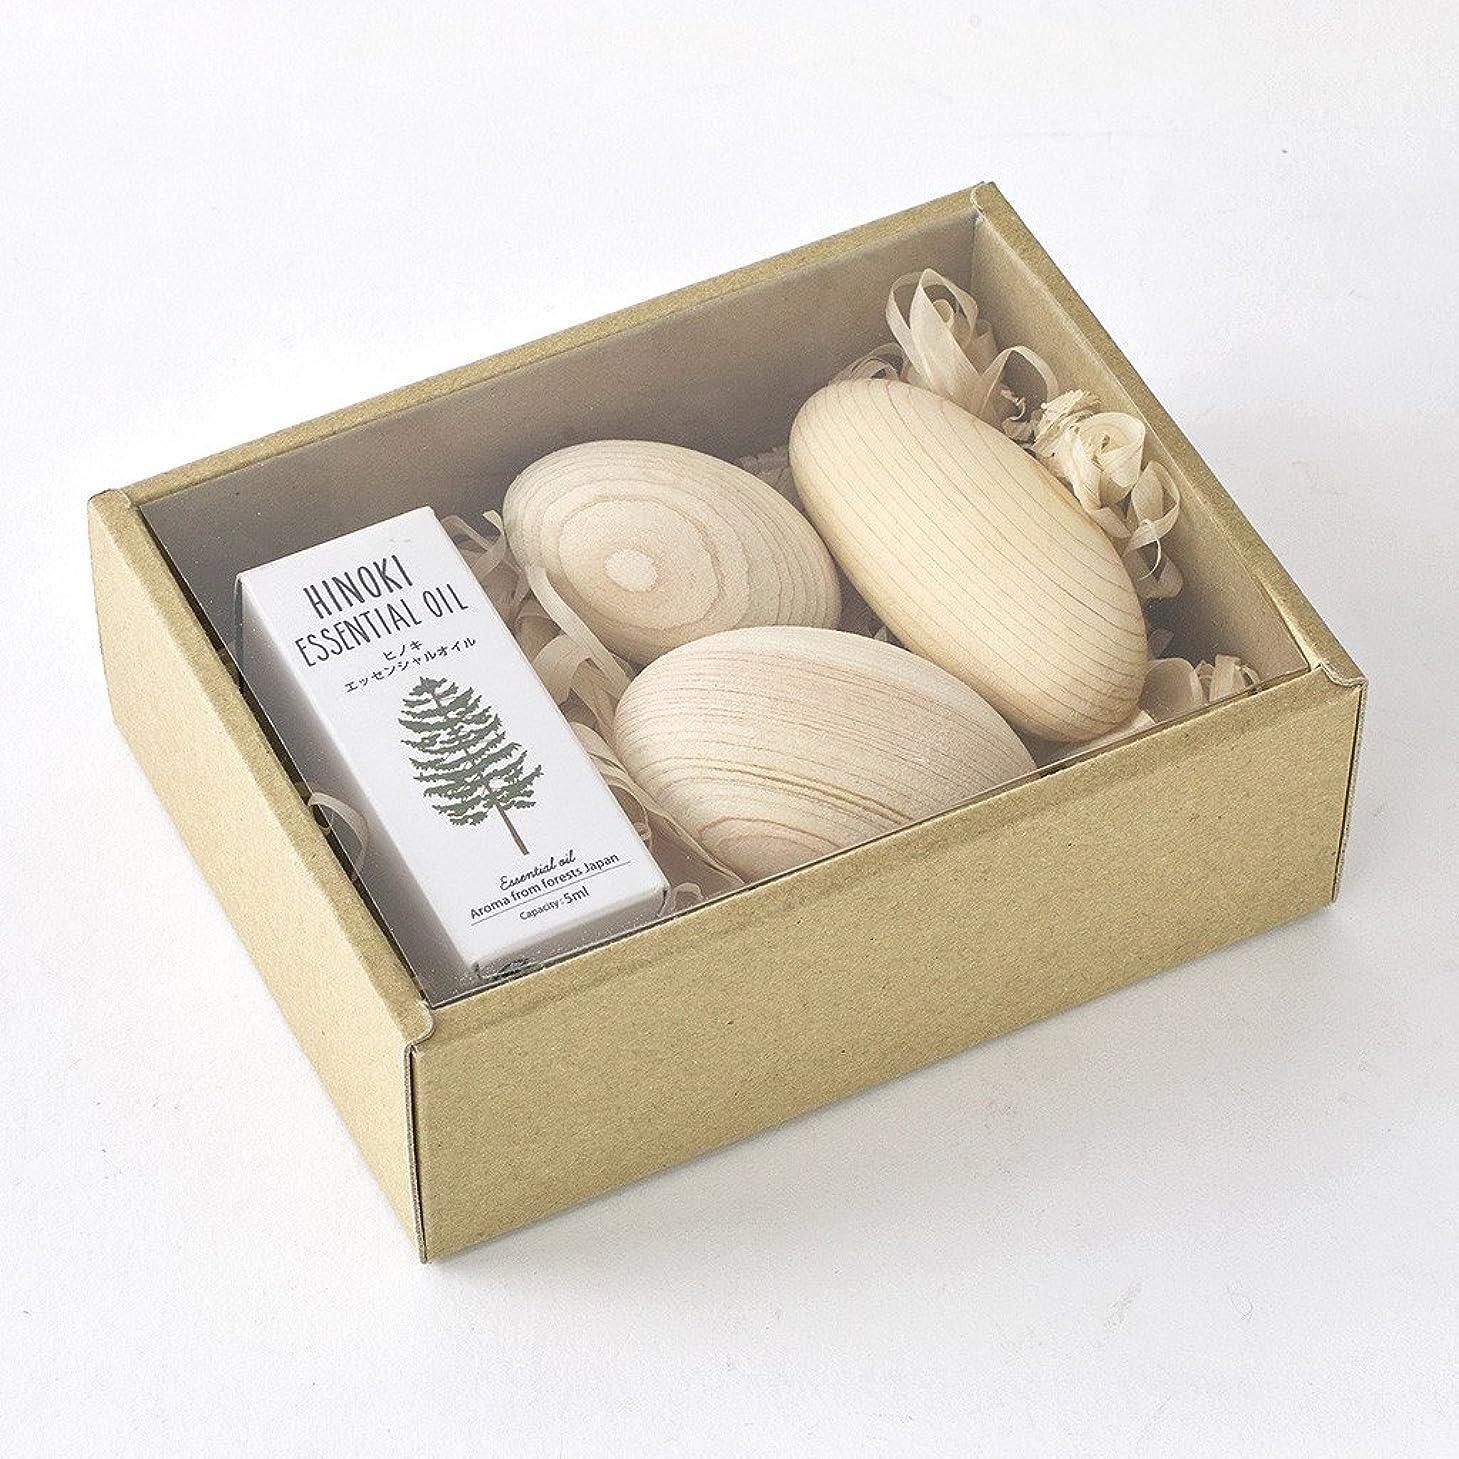 立派な現実的名前でSPICE OF LIFE アロマオイル&ウッドボールセット ヒノキ 木曽ヒノキ 天然精油 香り 癒し リラックス 日本製 YKLG8010SET